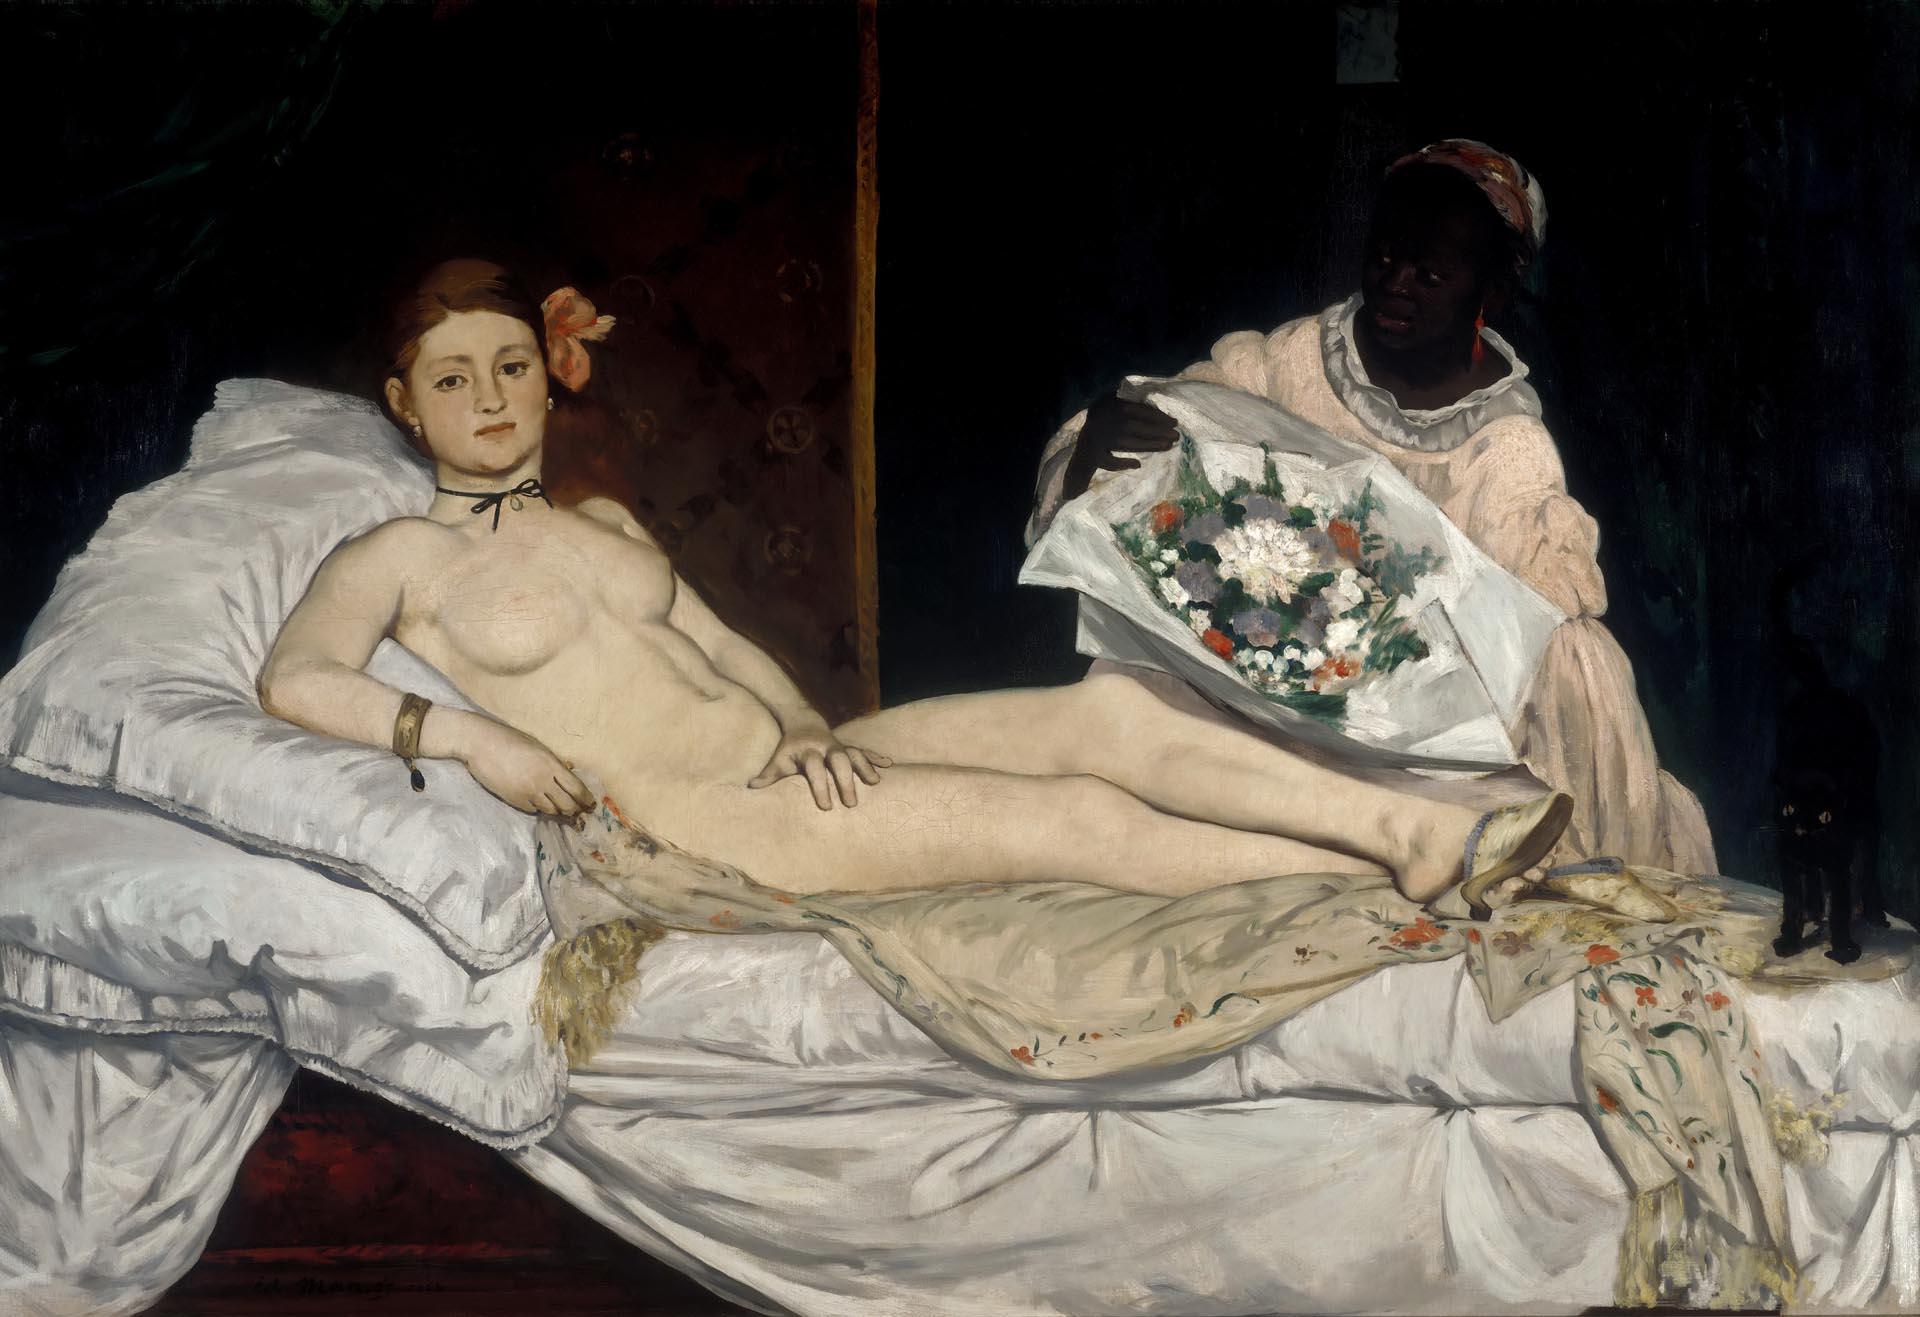 Эдуард Мане (Edouard Manet), Олимпия